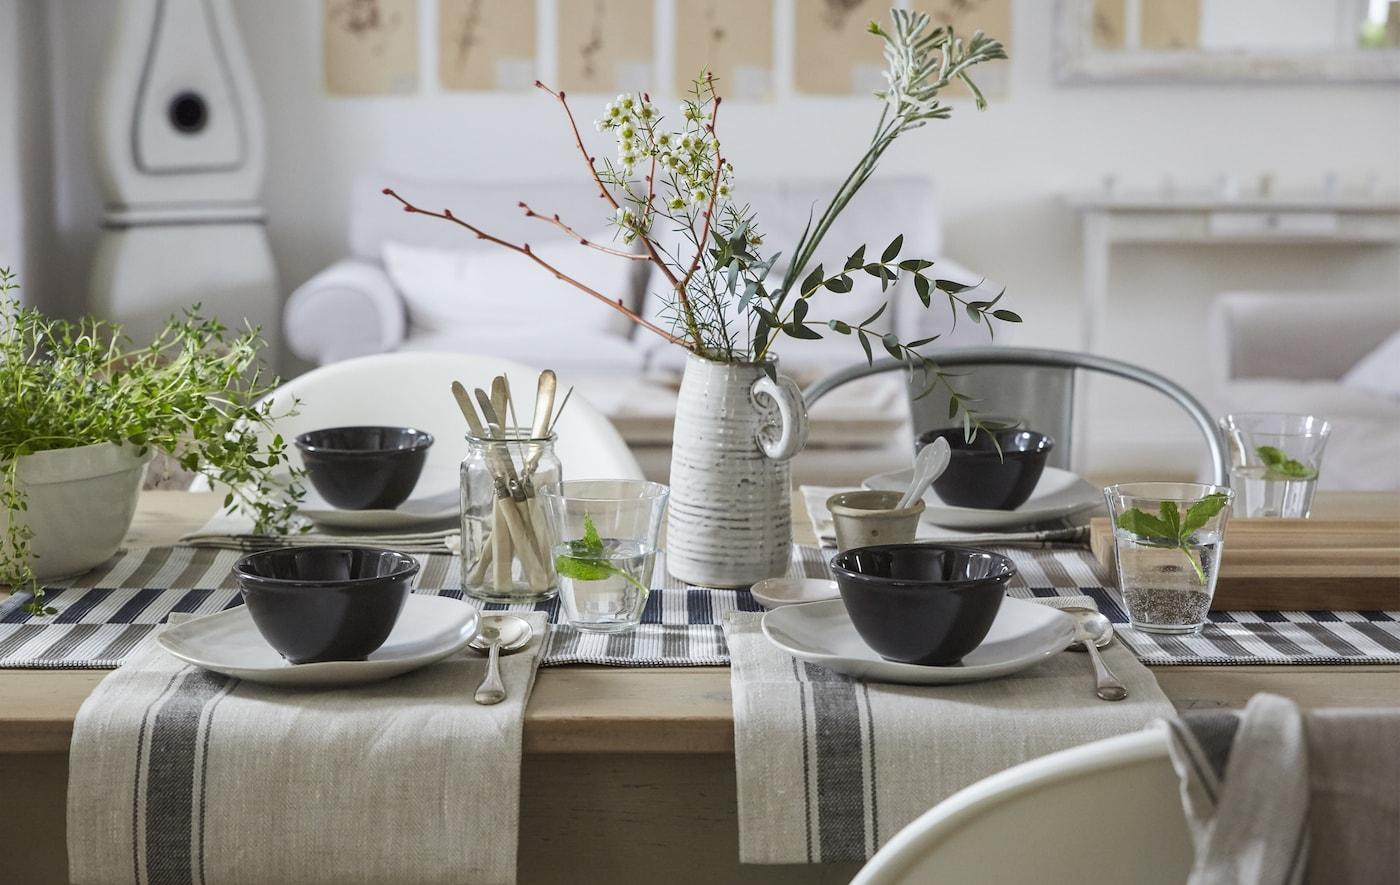 Un aranjament de masă în culori neutre cu prosoape de masă din bumbac, aranjamente simple pentru luat masa și un aranjament central natural.